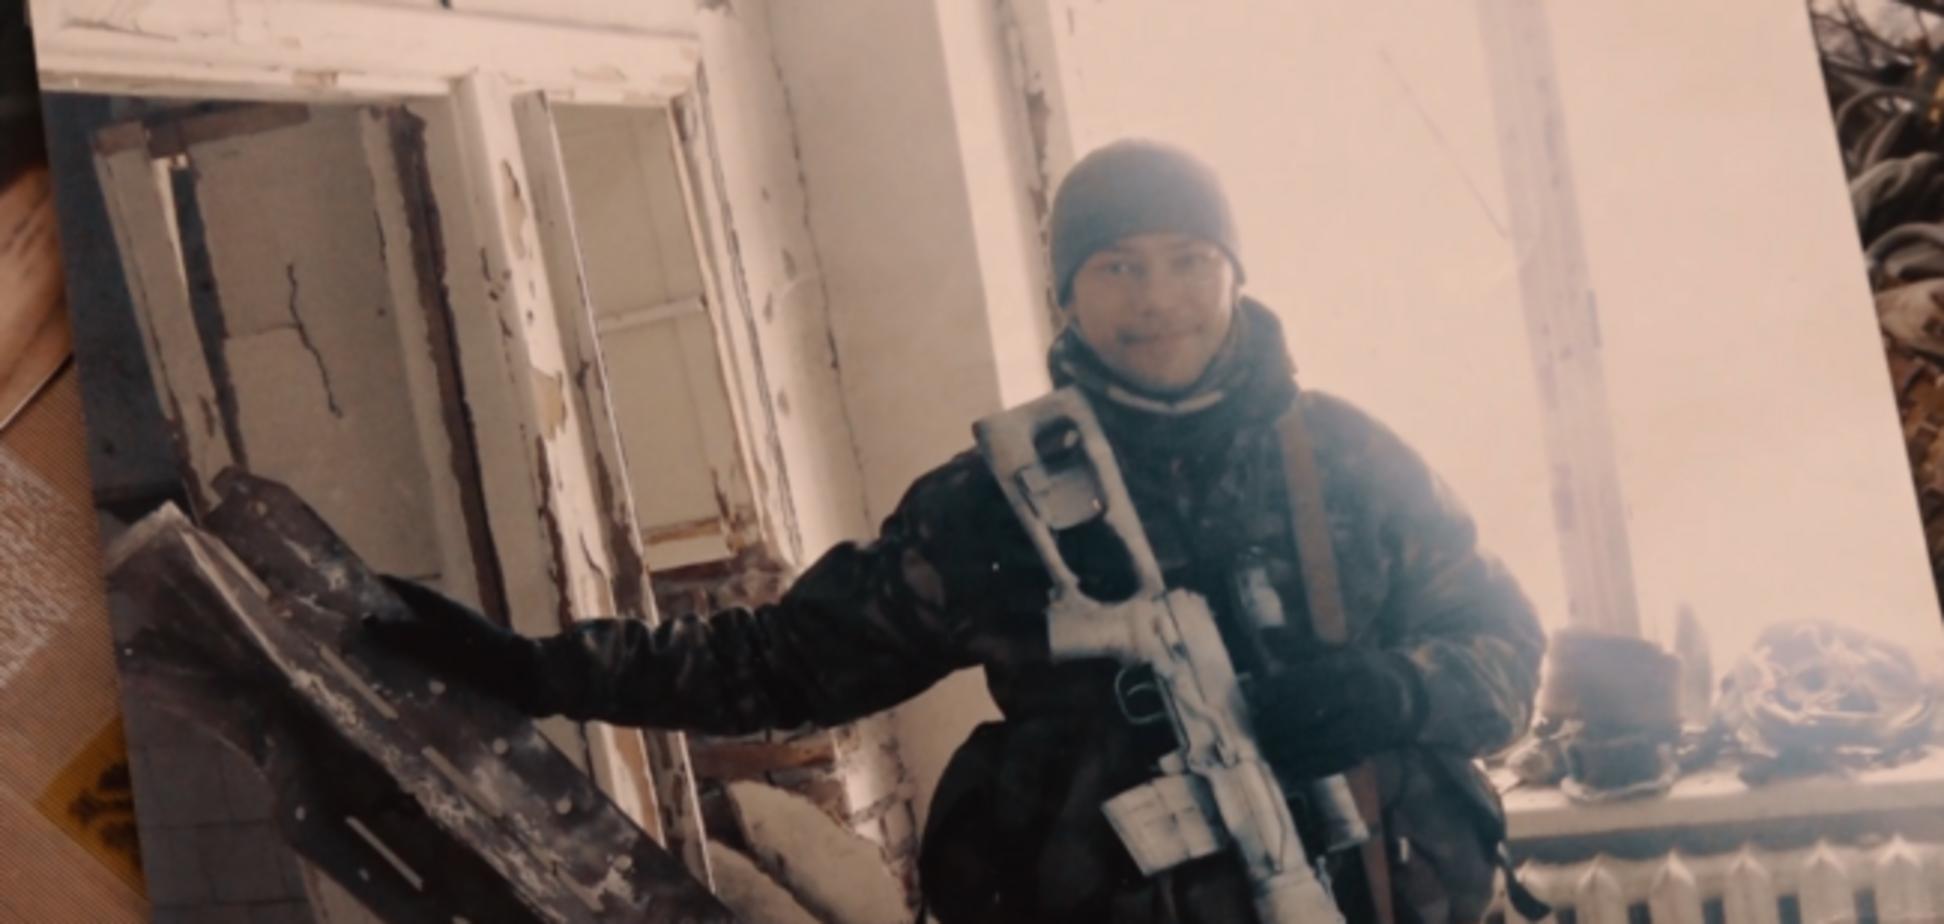 Олександр Олійник боєць 128 окремої гірсько-піхотної бригади